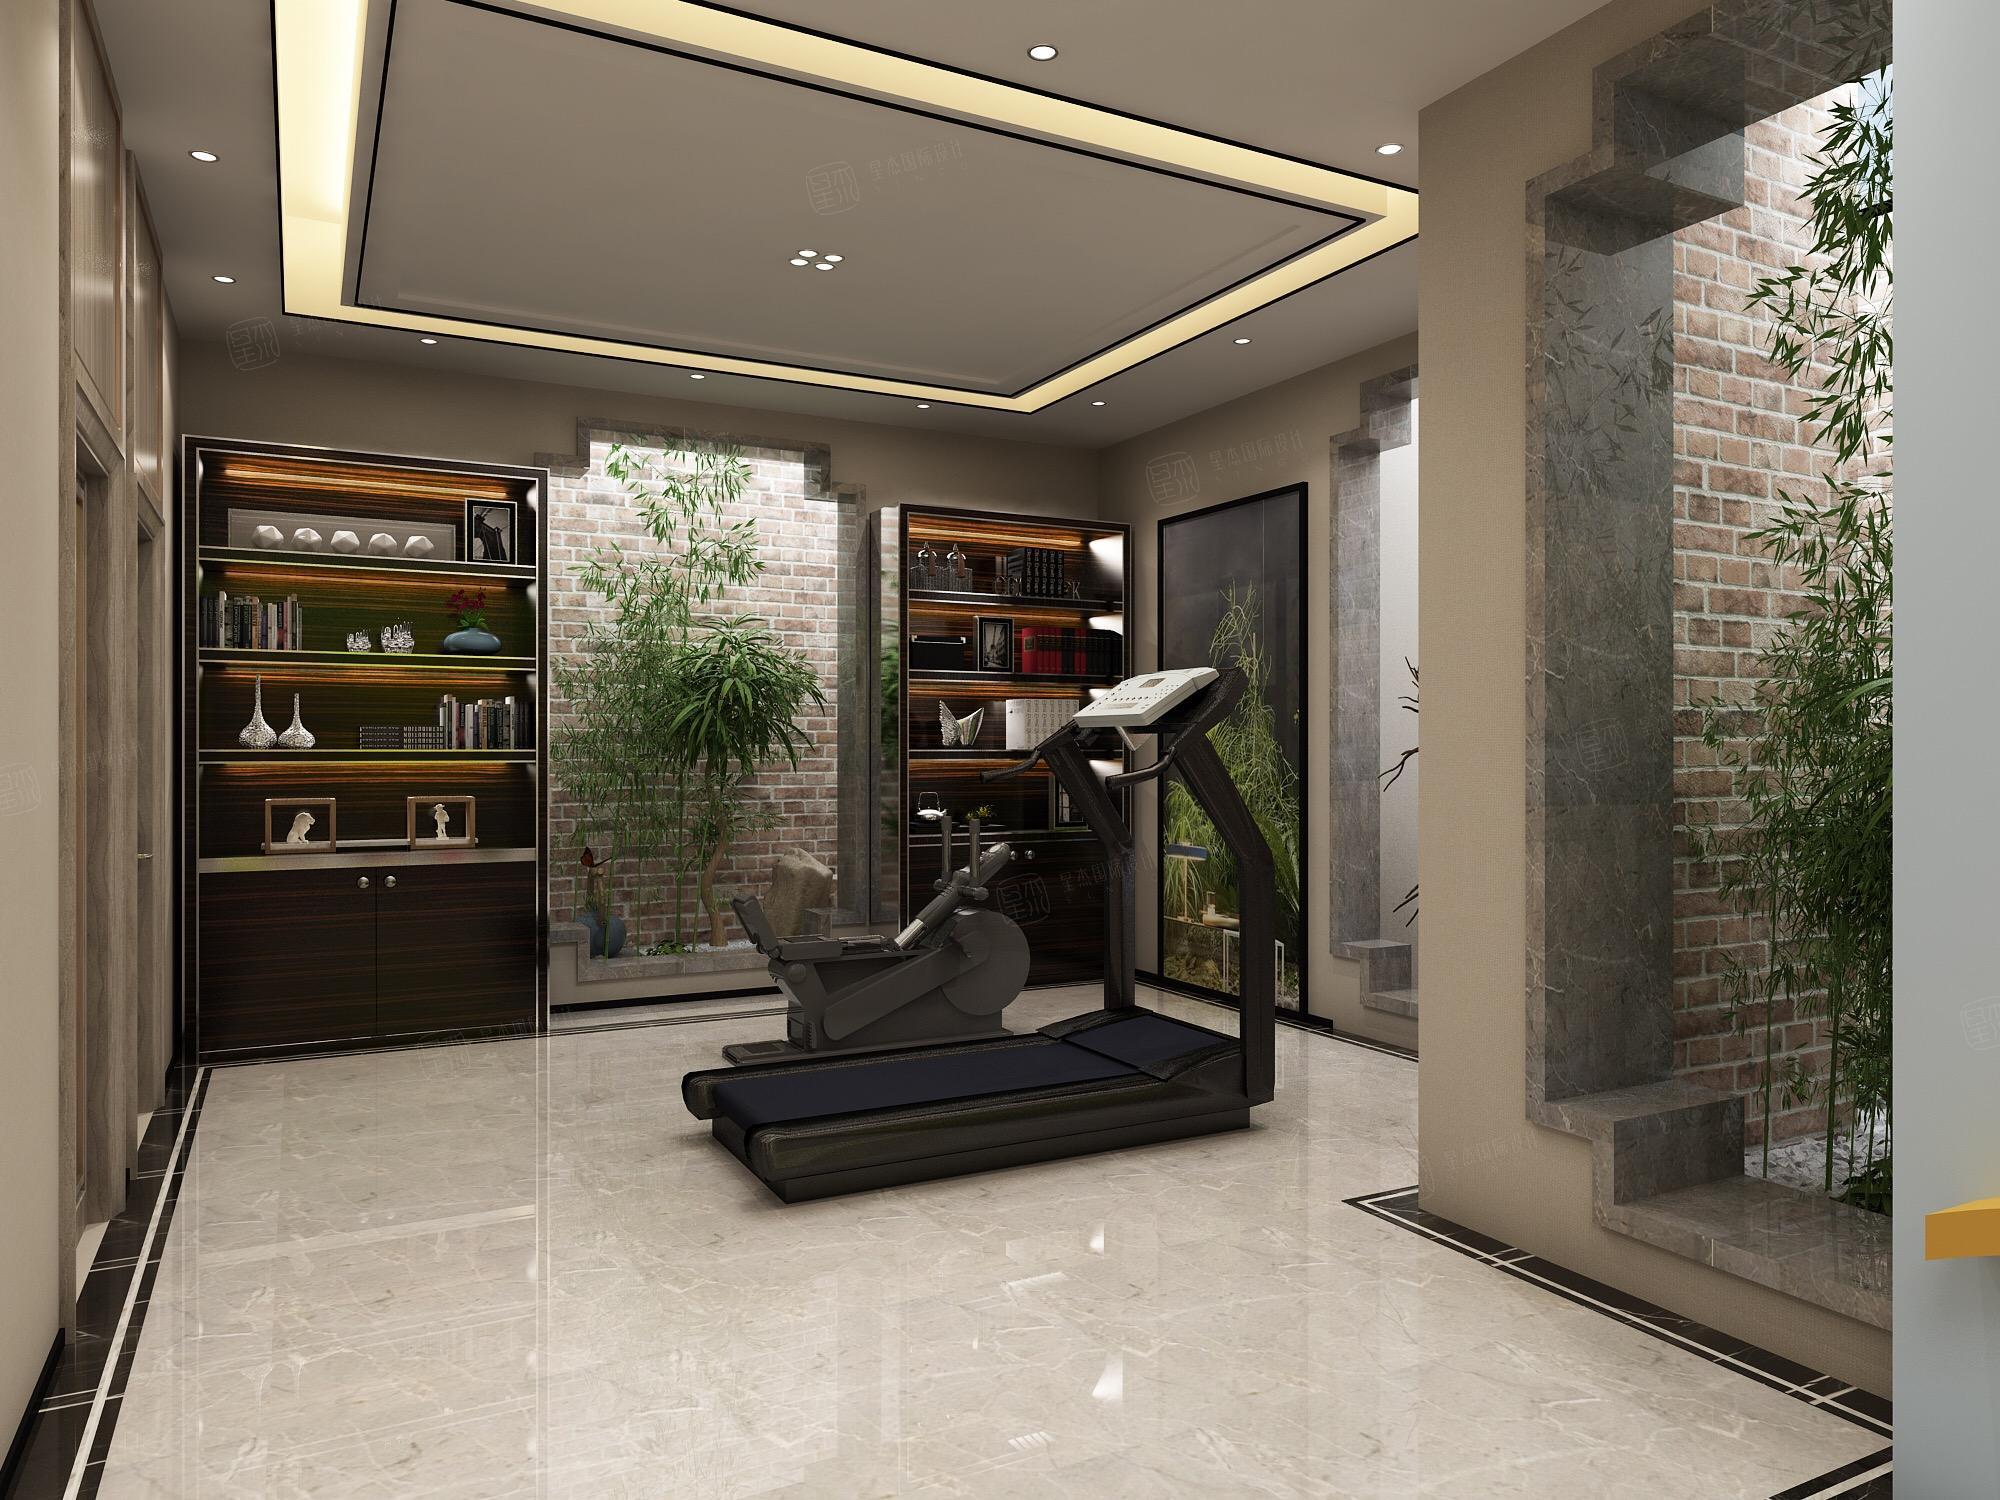 新中式风格-复地温莎堡装修地下室效果图